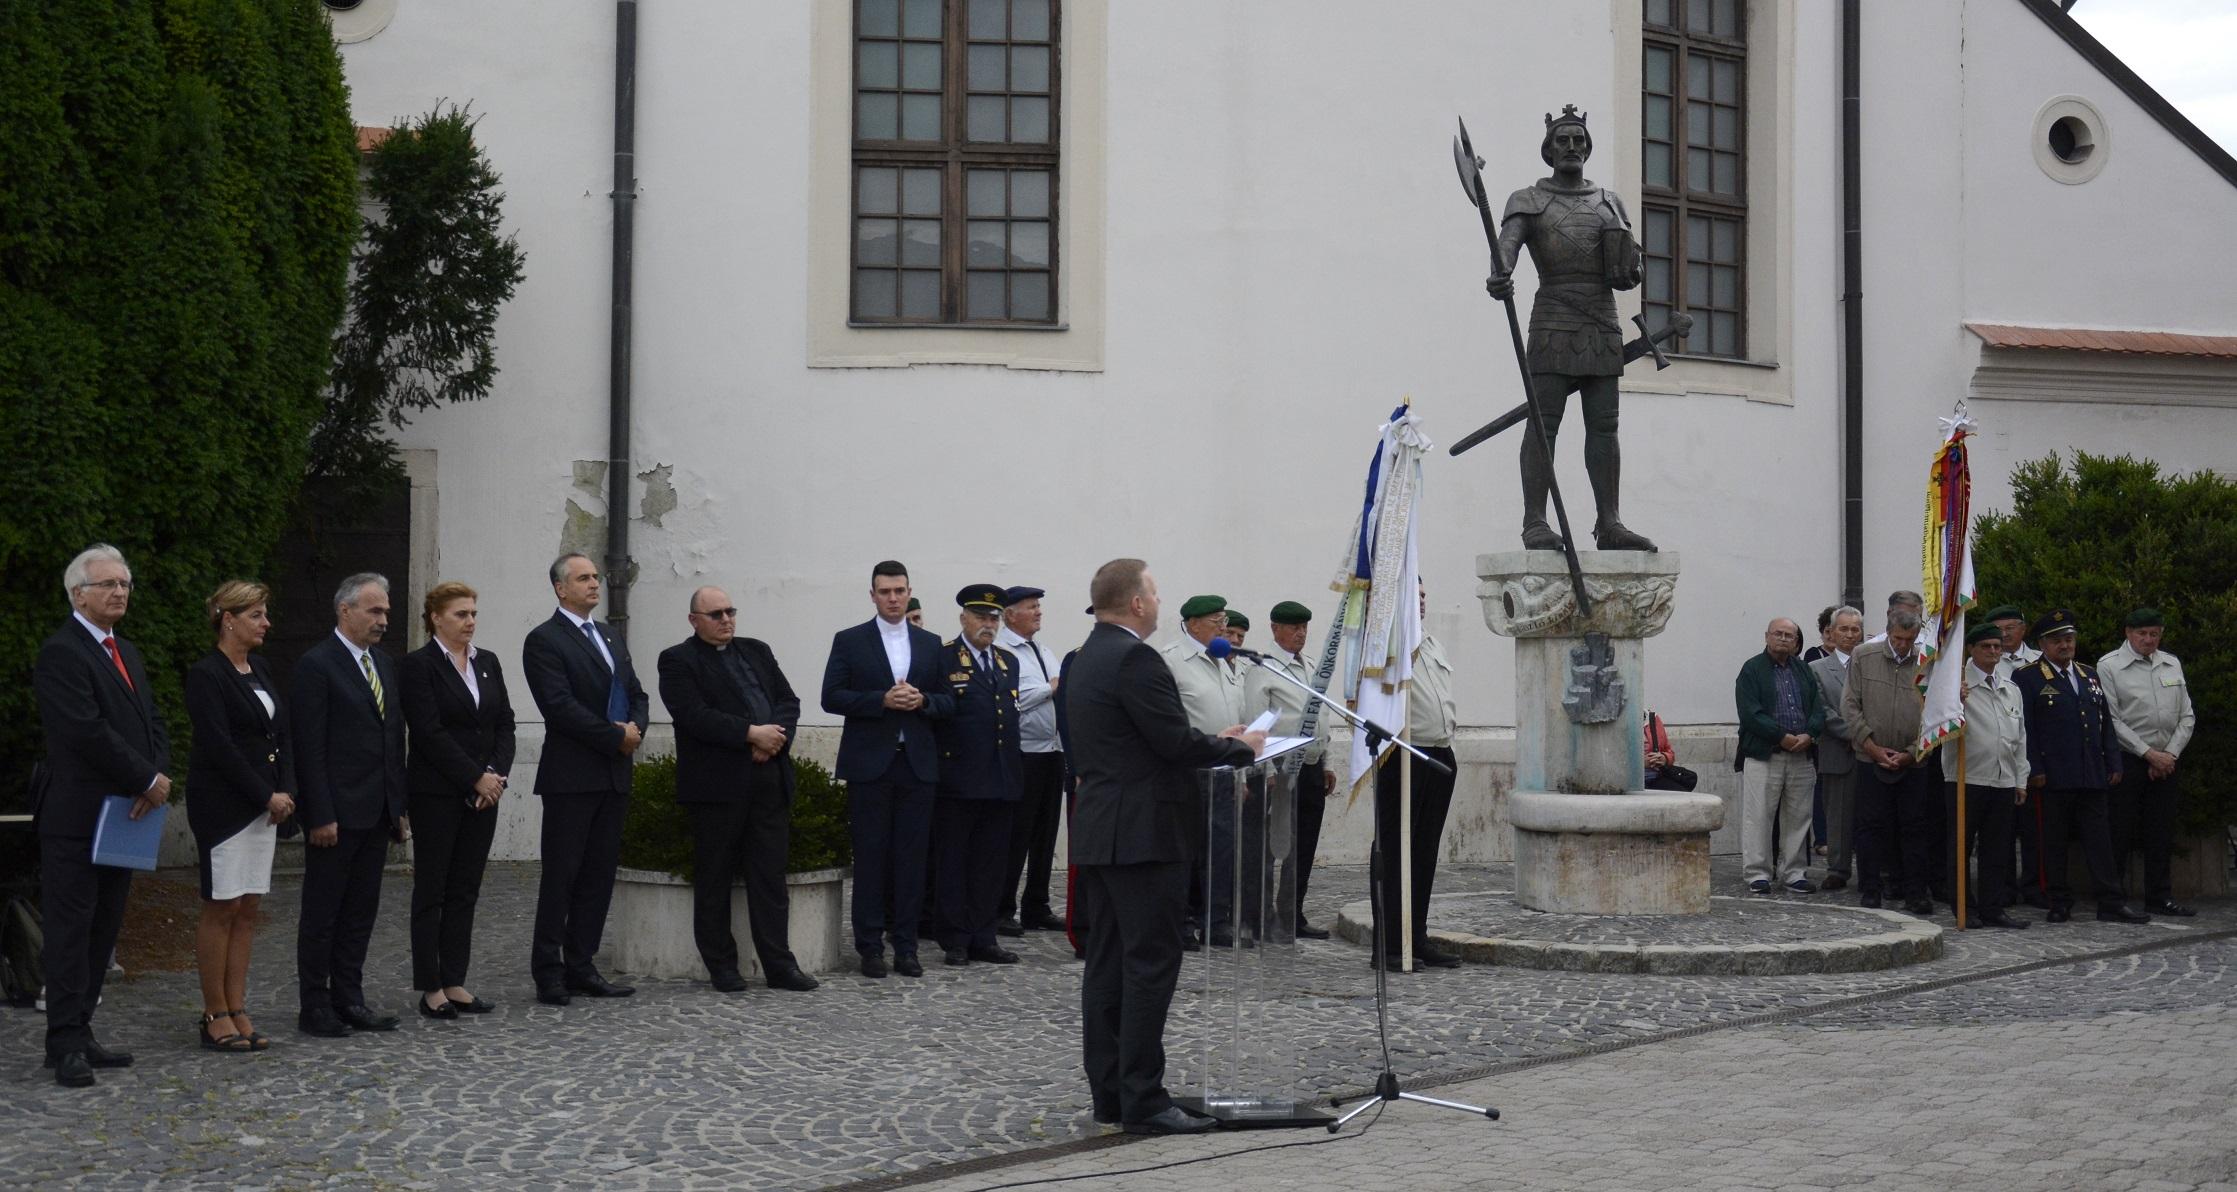 Szent László Nap - megemlékezés, koszorúzás Mosonmagyaróvár - Nagy István miniszter